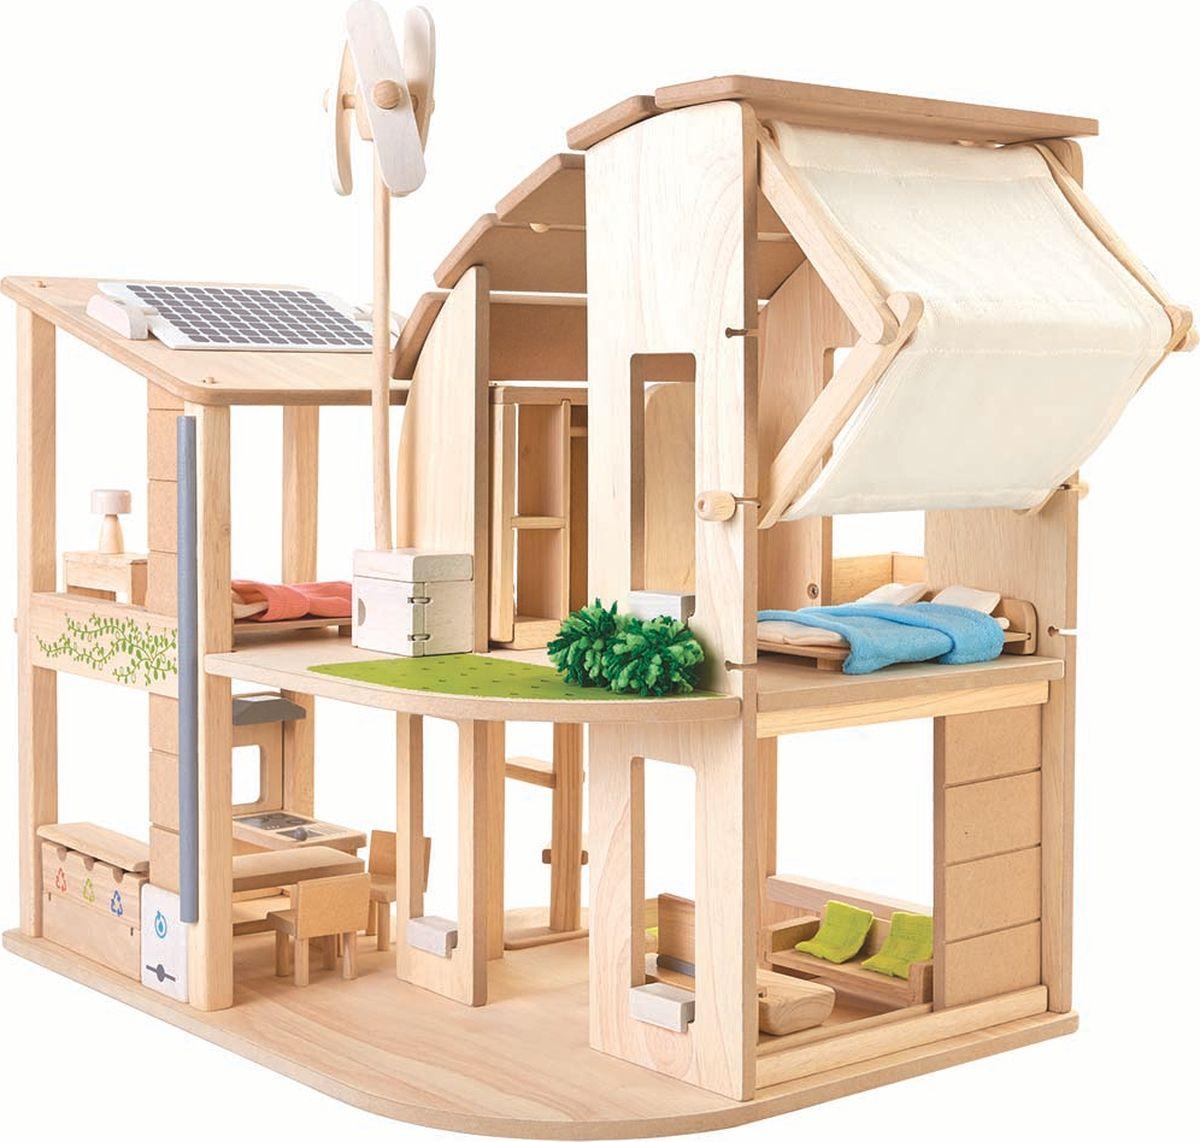 Plan Toys Дом для кукол Эко с аксессуарами игровые наборы plan toys дом